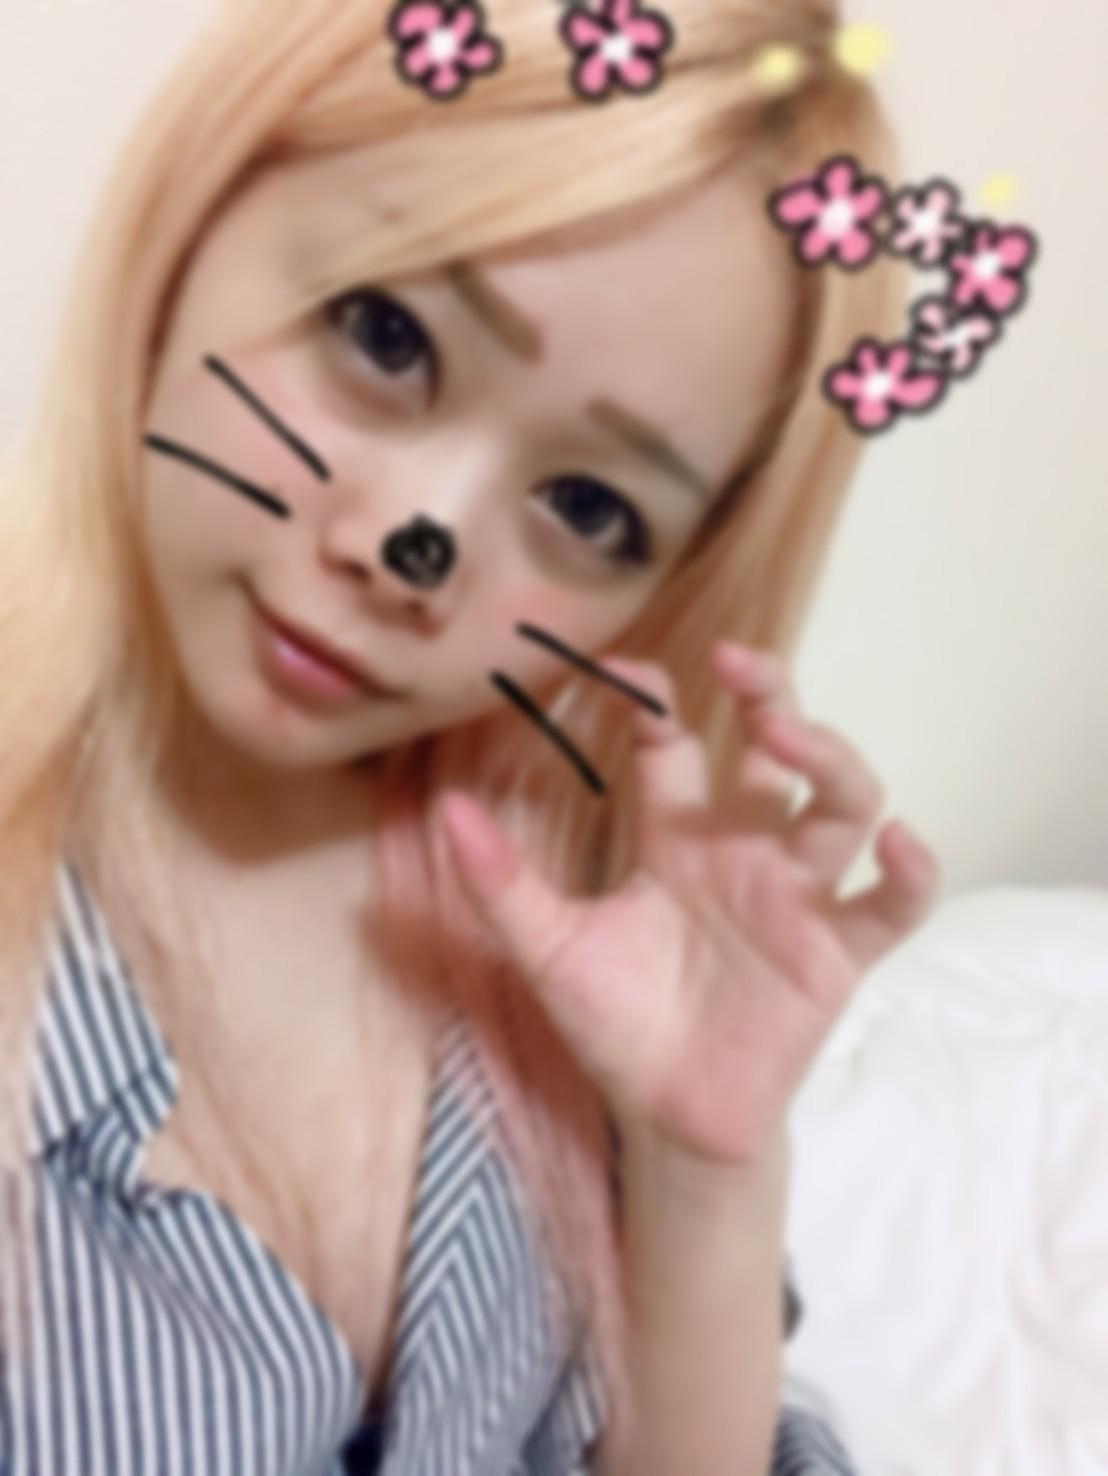 「おれい」06/24(日) 04:54 | ゆな※リピ率No1の美少女の写メ・風俗動画